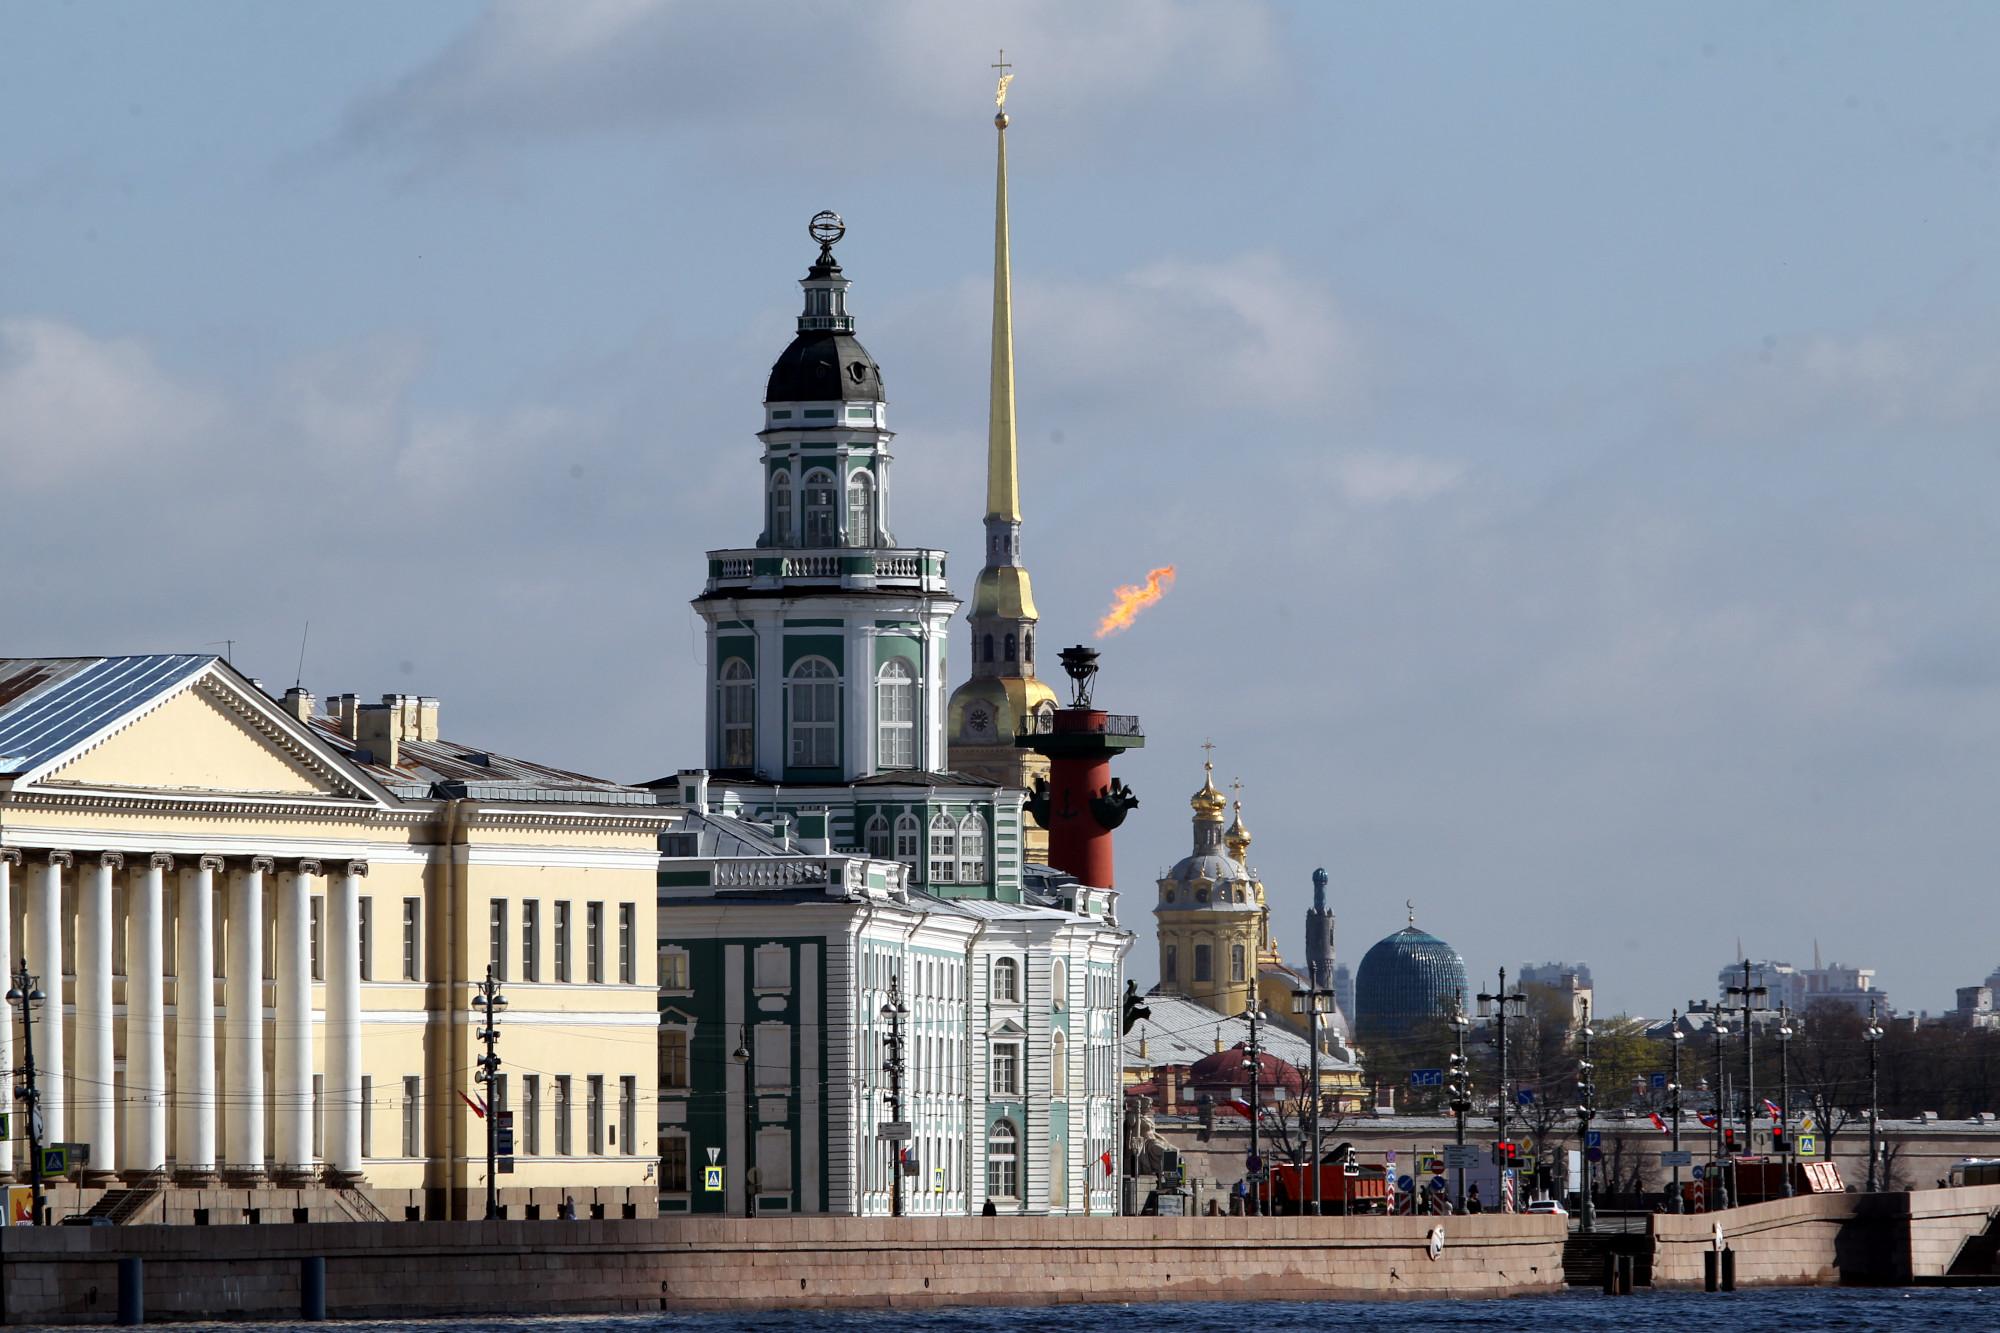 День Победы, 9 мая, зажжённые Ростральные колонны, Кунсткамера